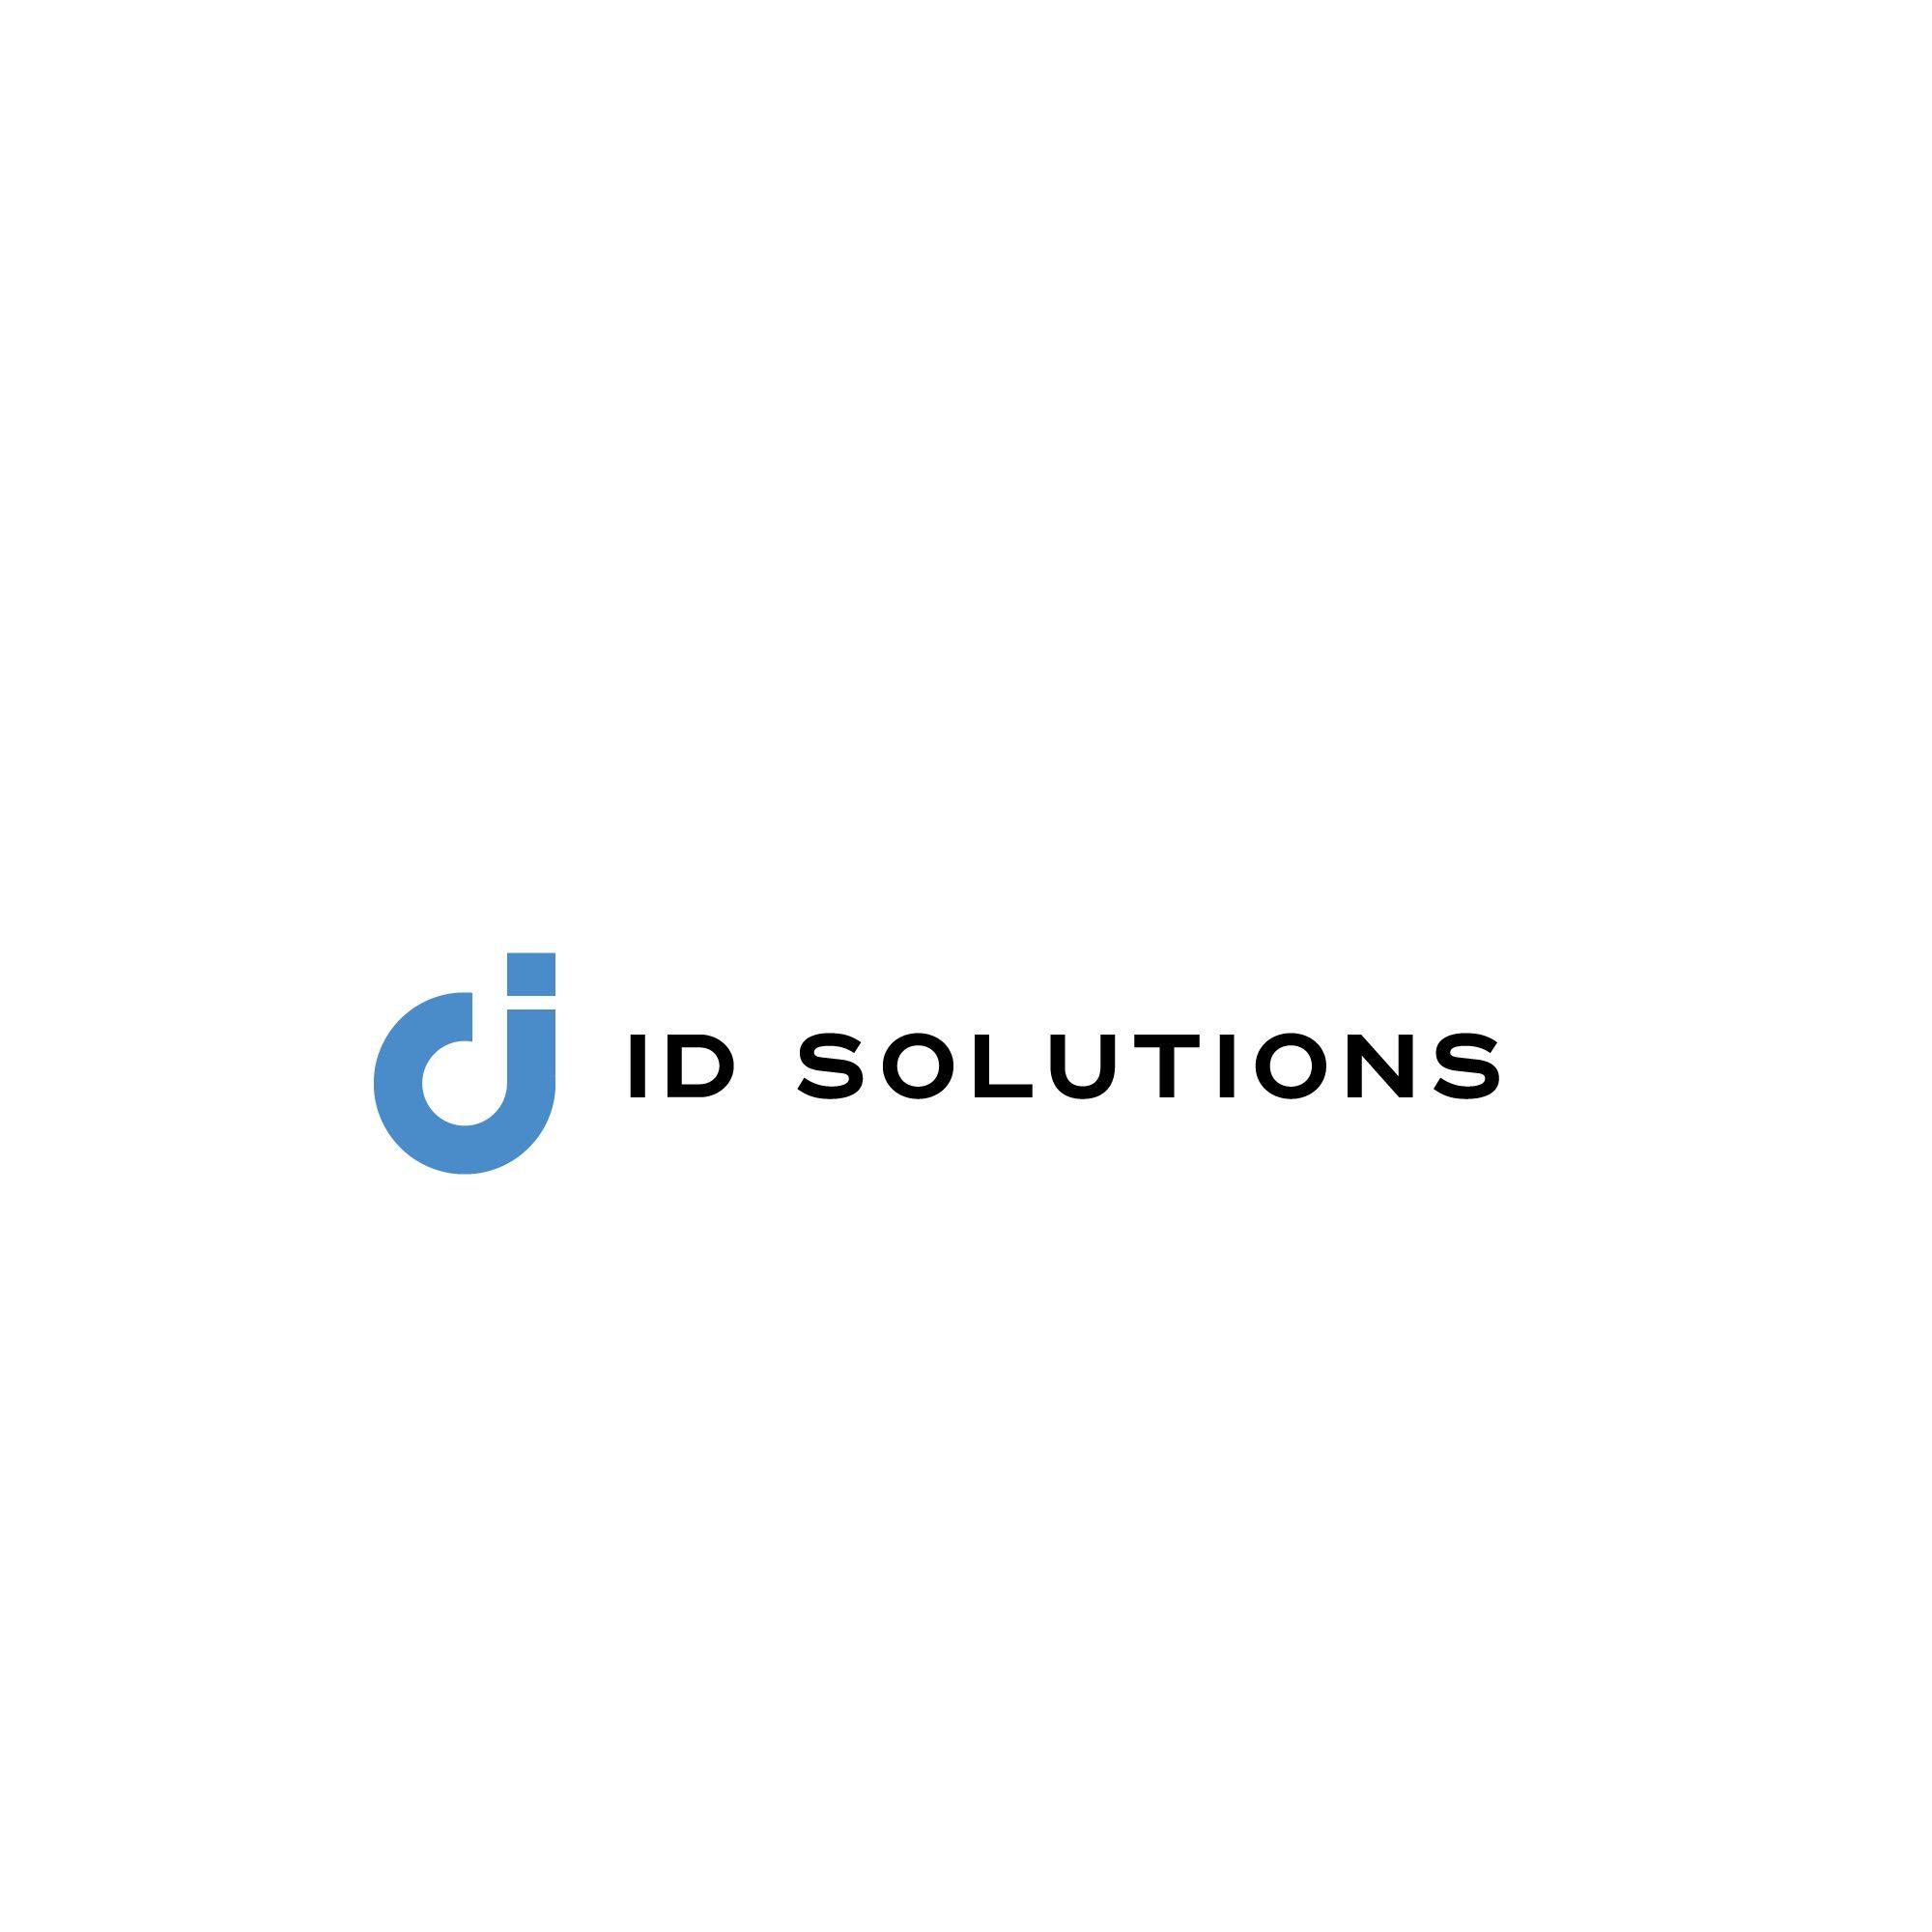 Лого и фирменный стиль для iD Solutions - дизайнер SmolinDenis